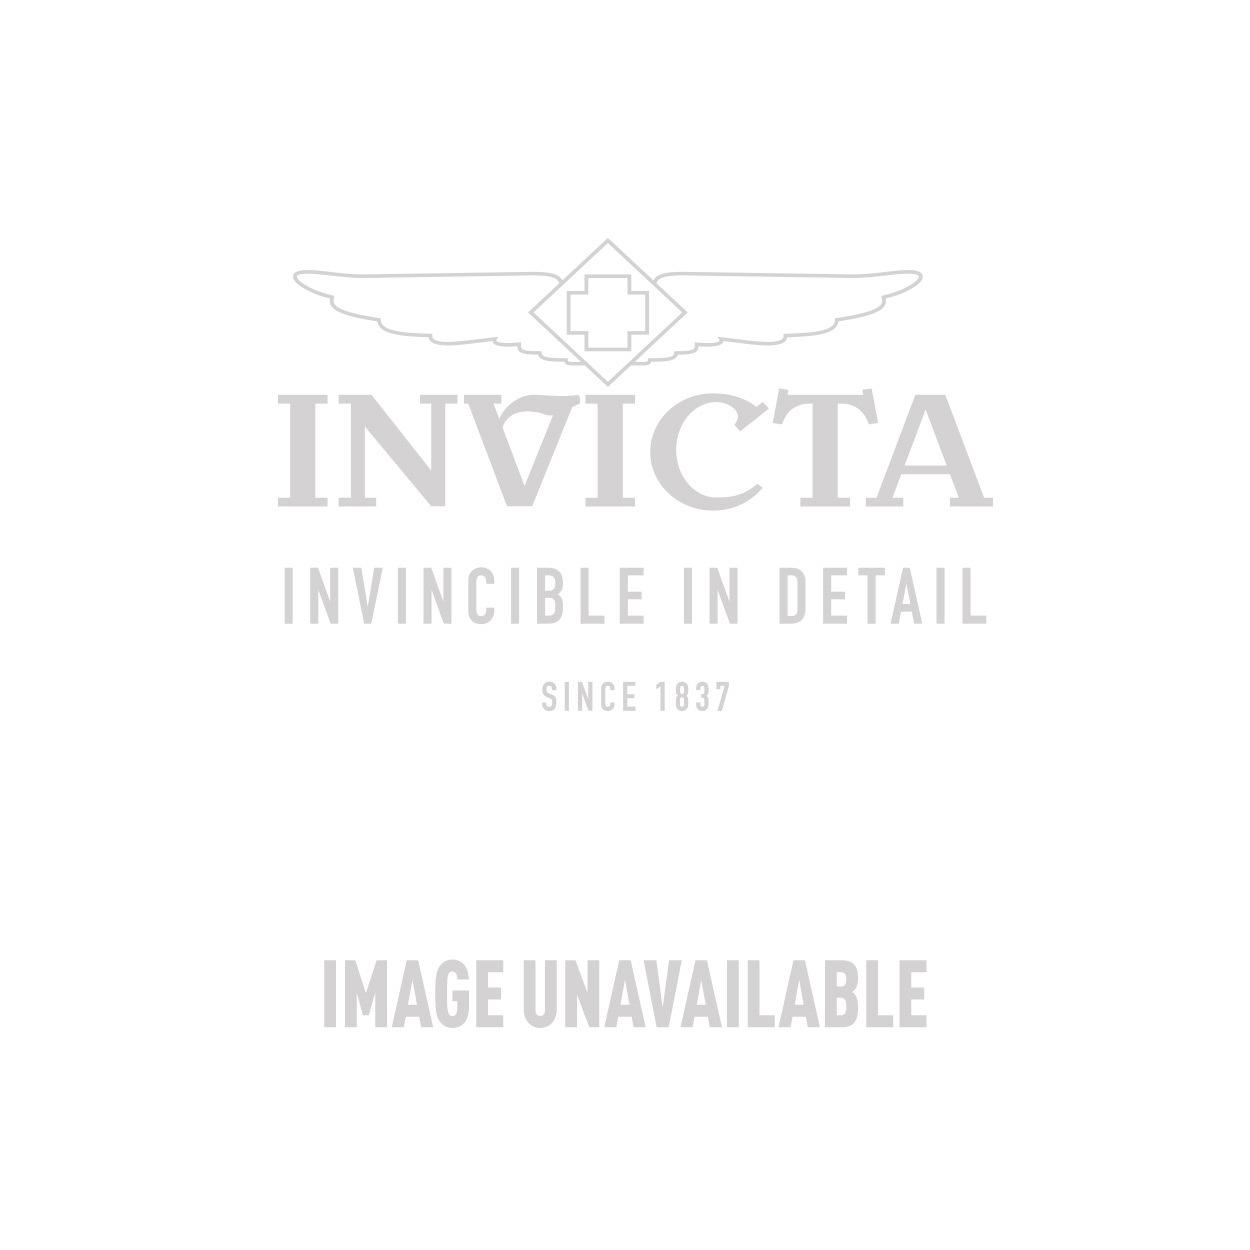 Invicta Model 28827